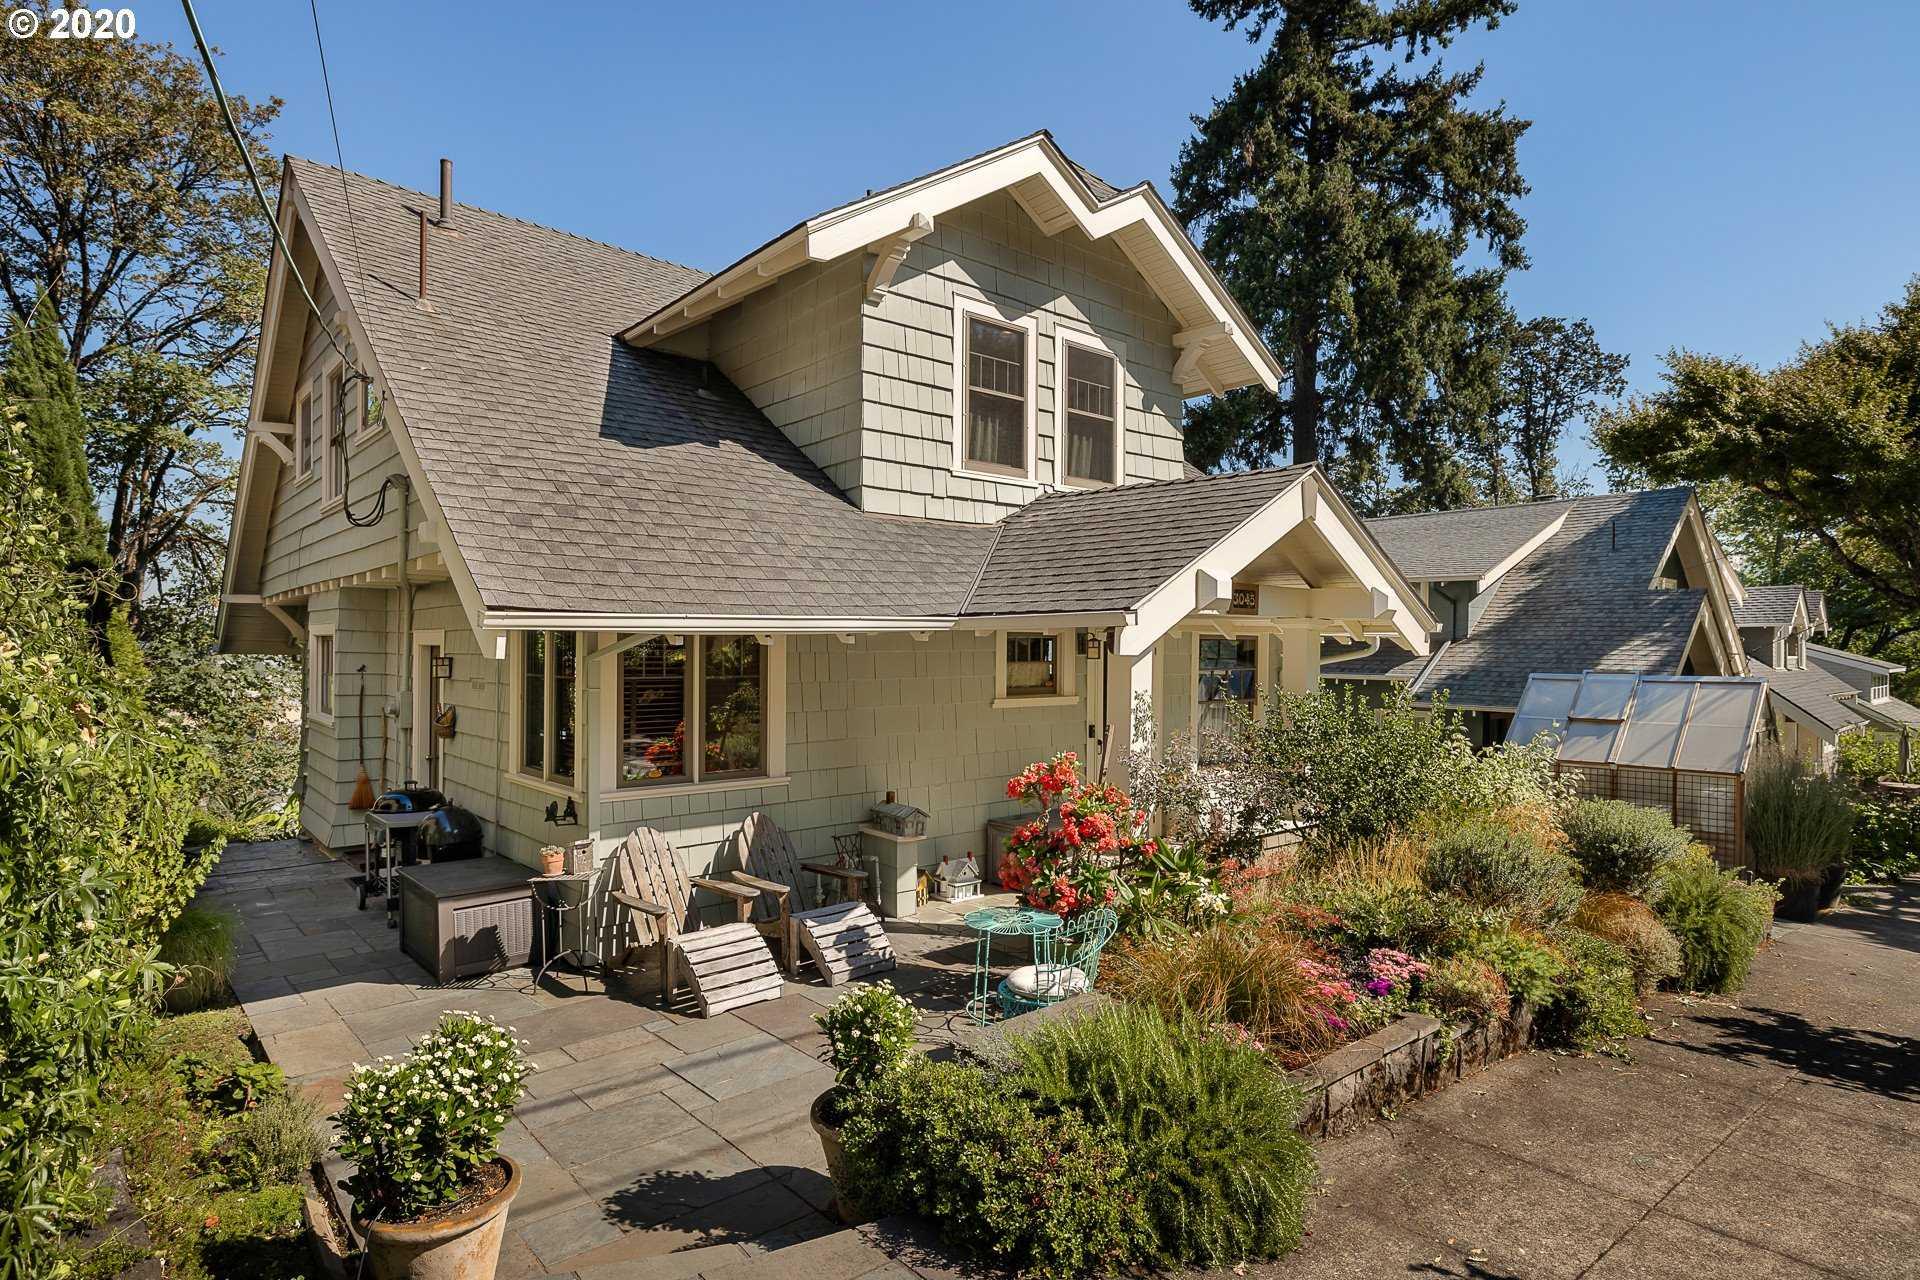 $849,000 - 3Br/2Ba - for Sale in Willamette Heights, Portland